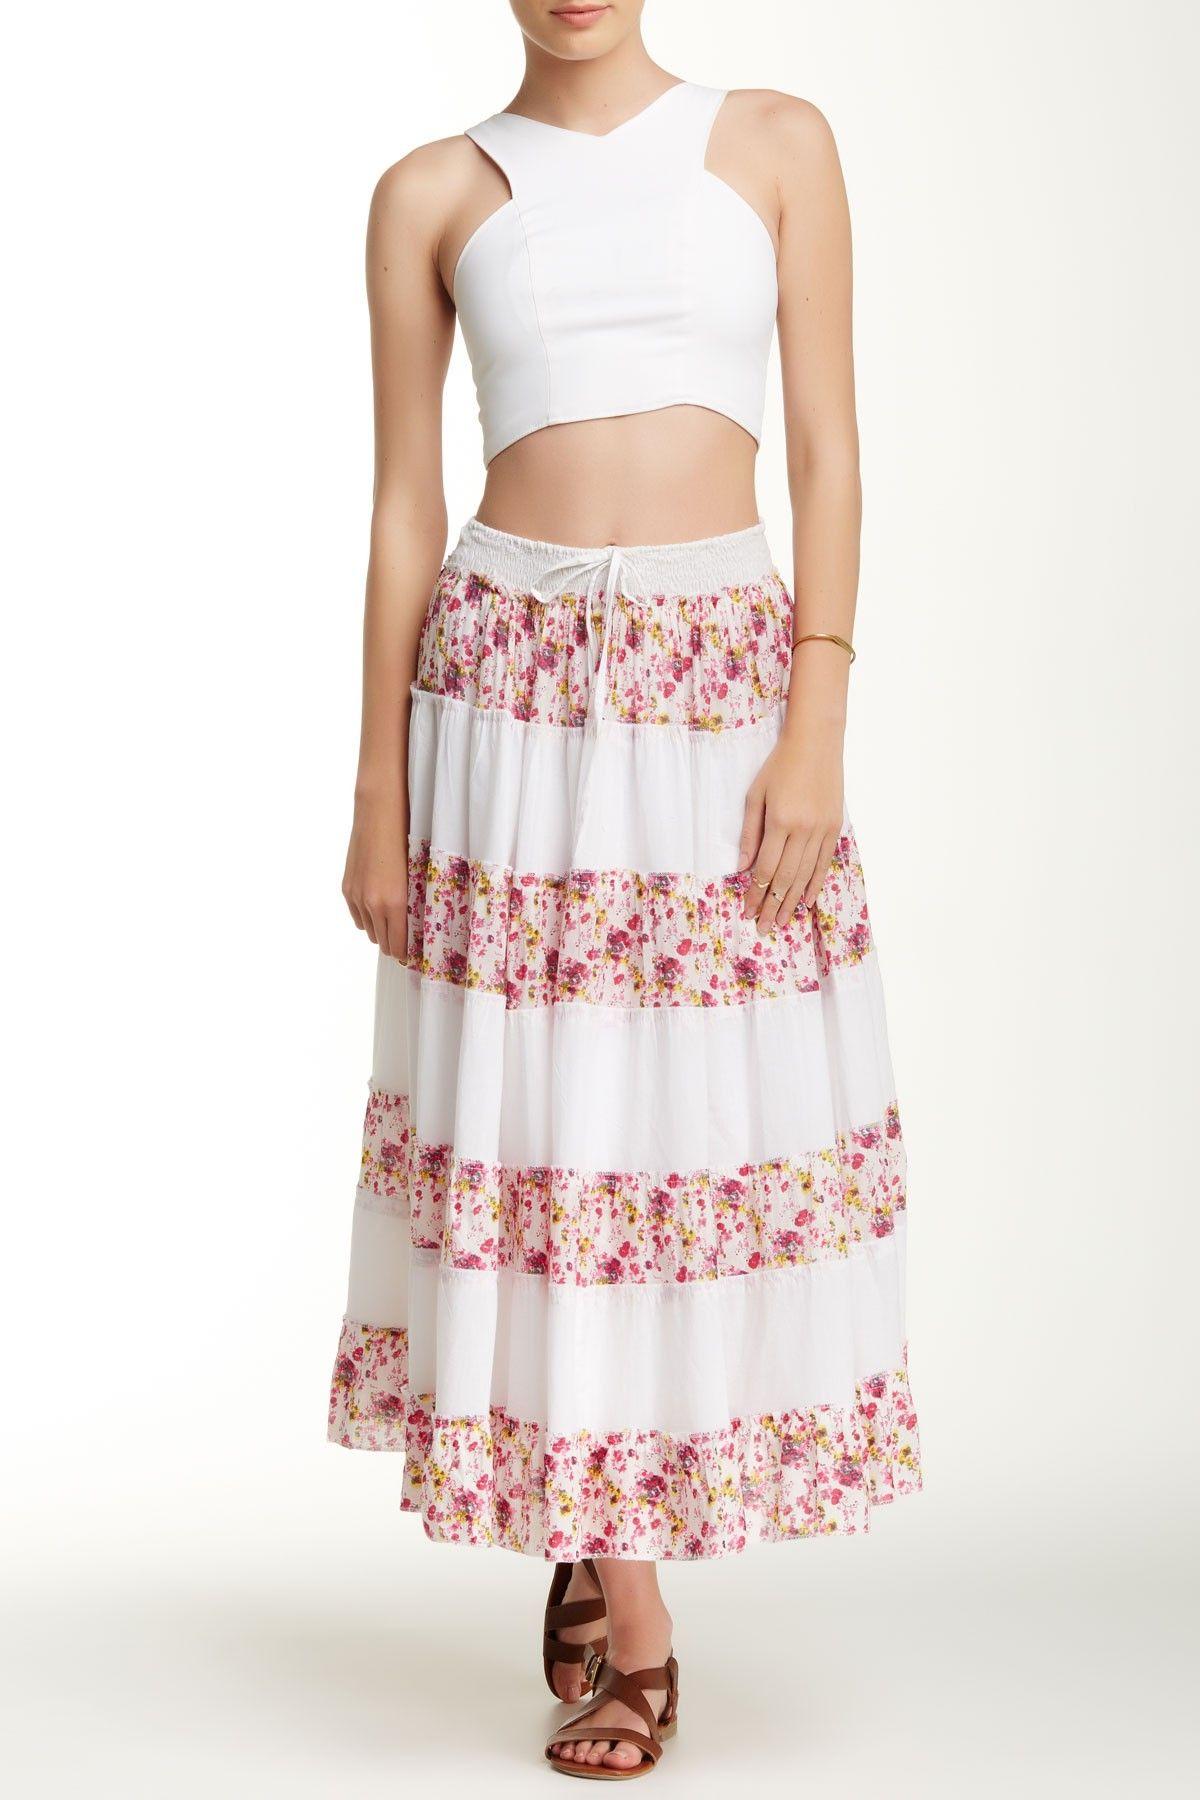 Long Pink Print Flamingo Skirt by Funky People on @HauteLook